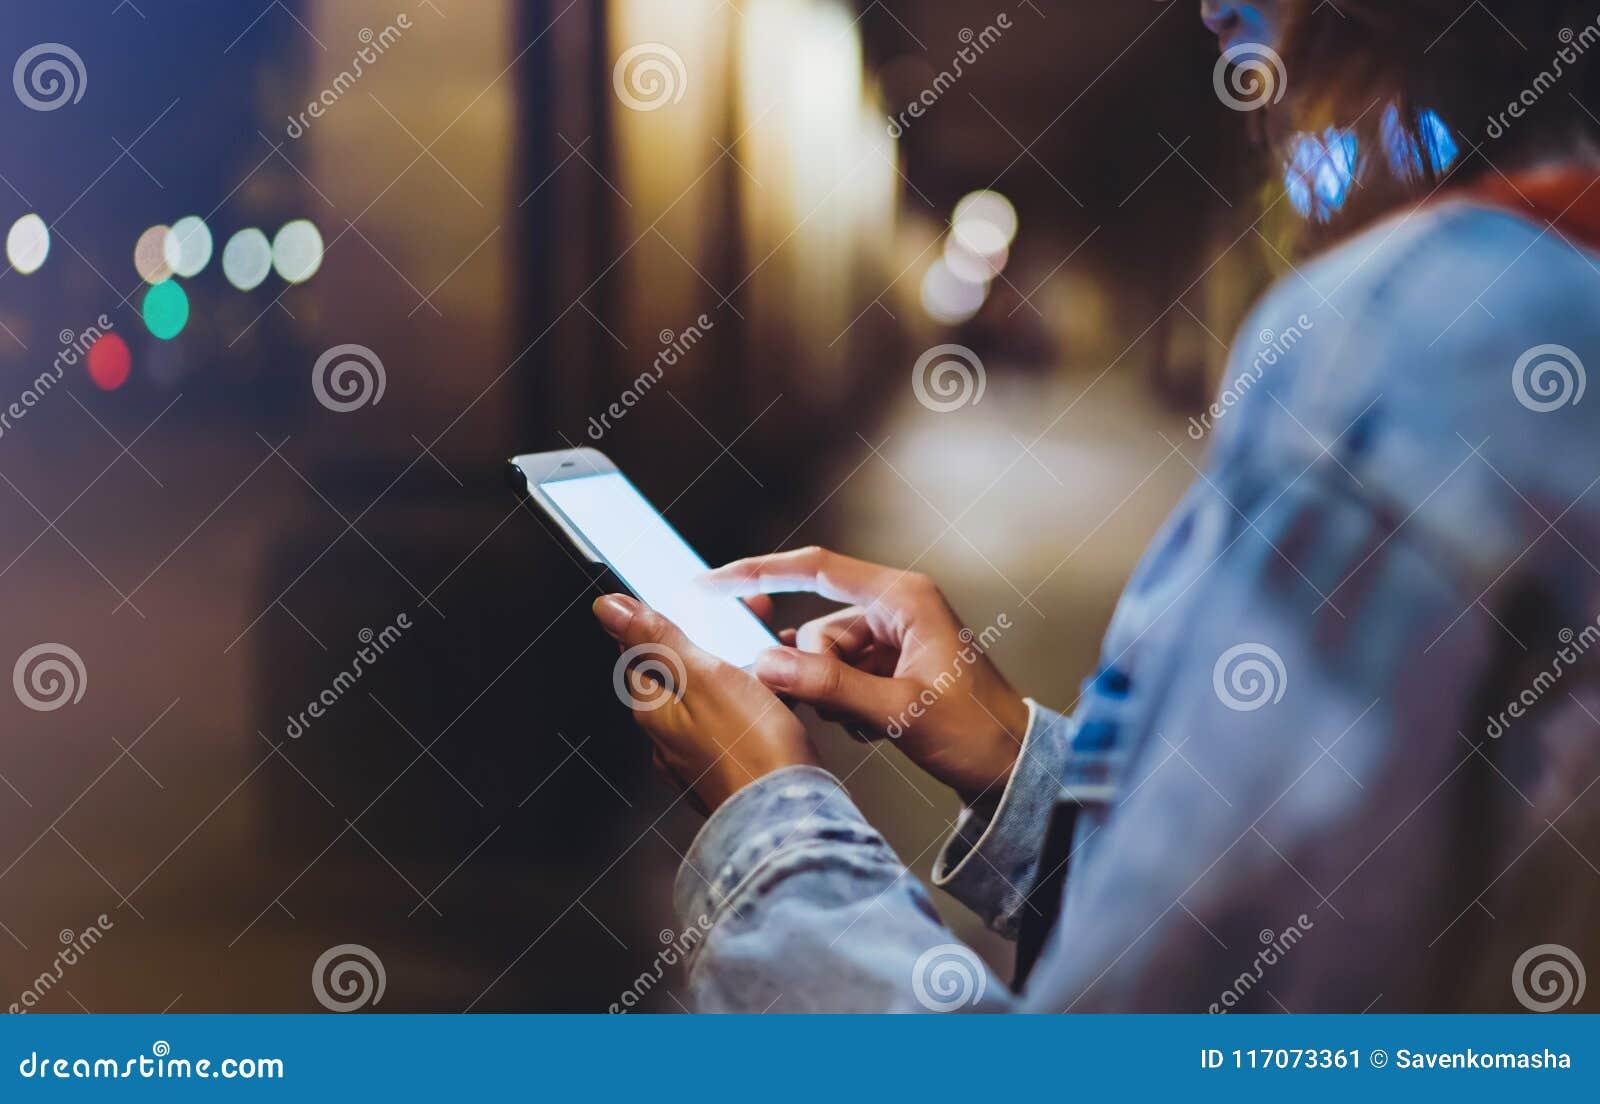 Moderno do Blogger que usa-se no telefone celular do dispositivo das mãos, mulher com trouxa que aponta o dedo no smartphone da t